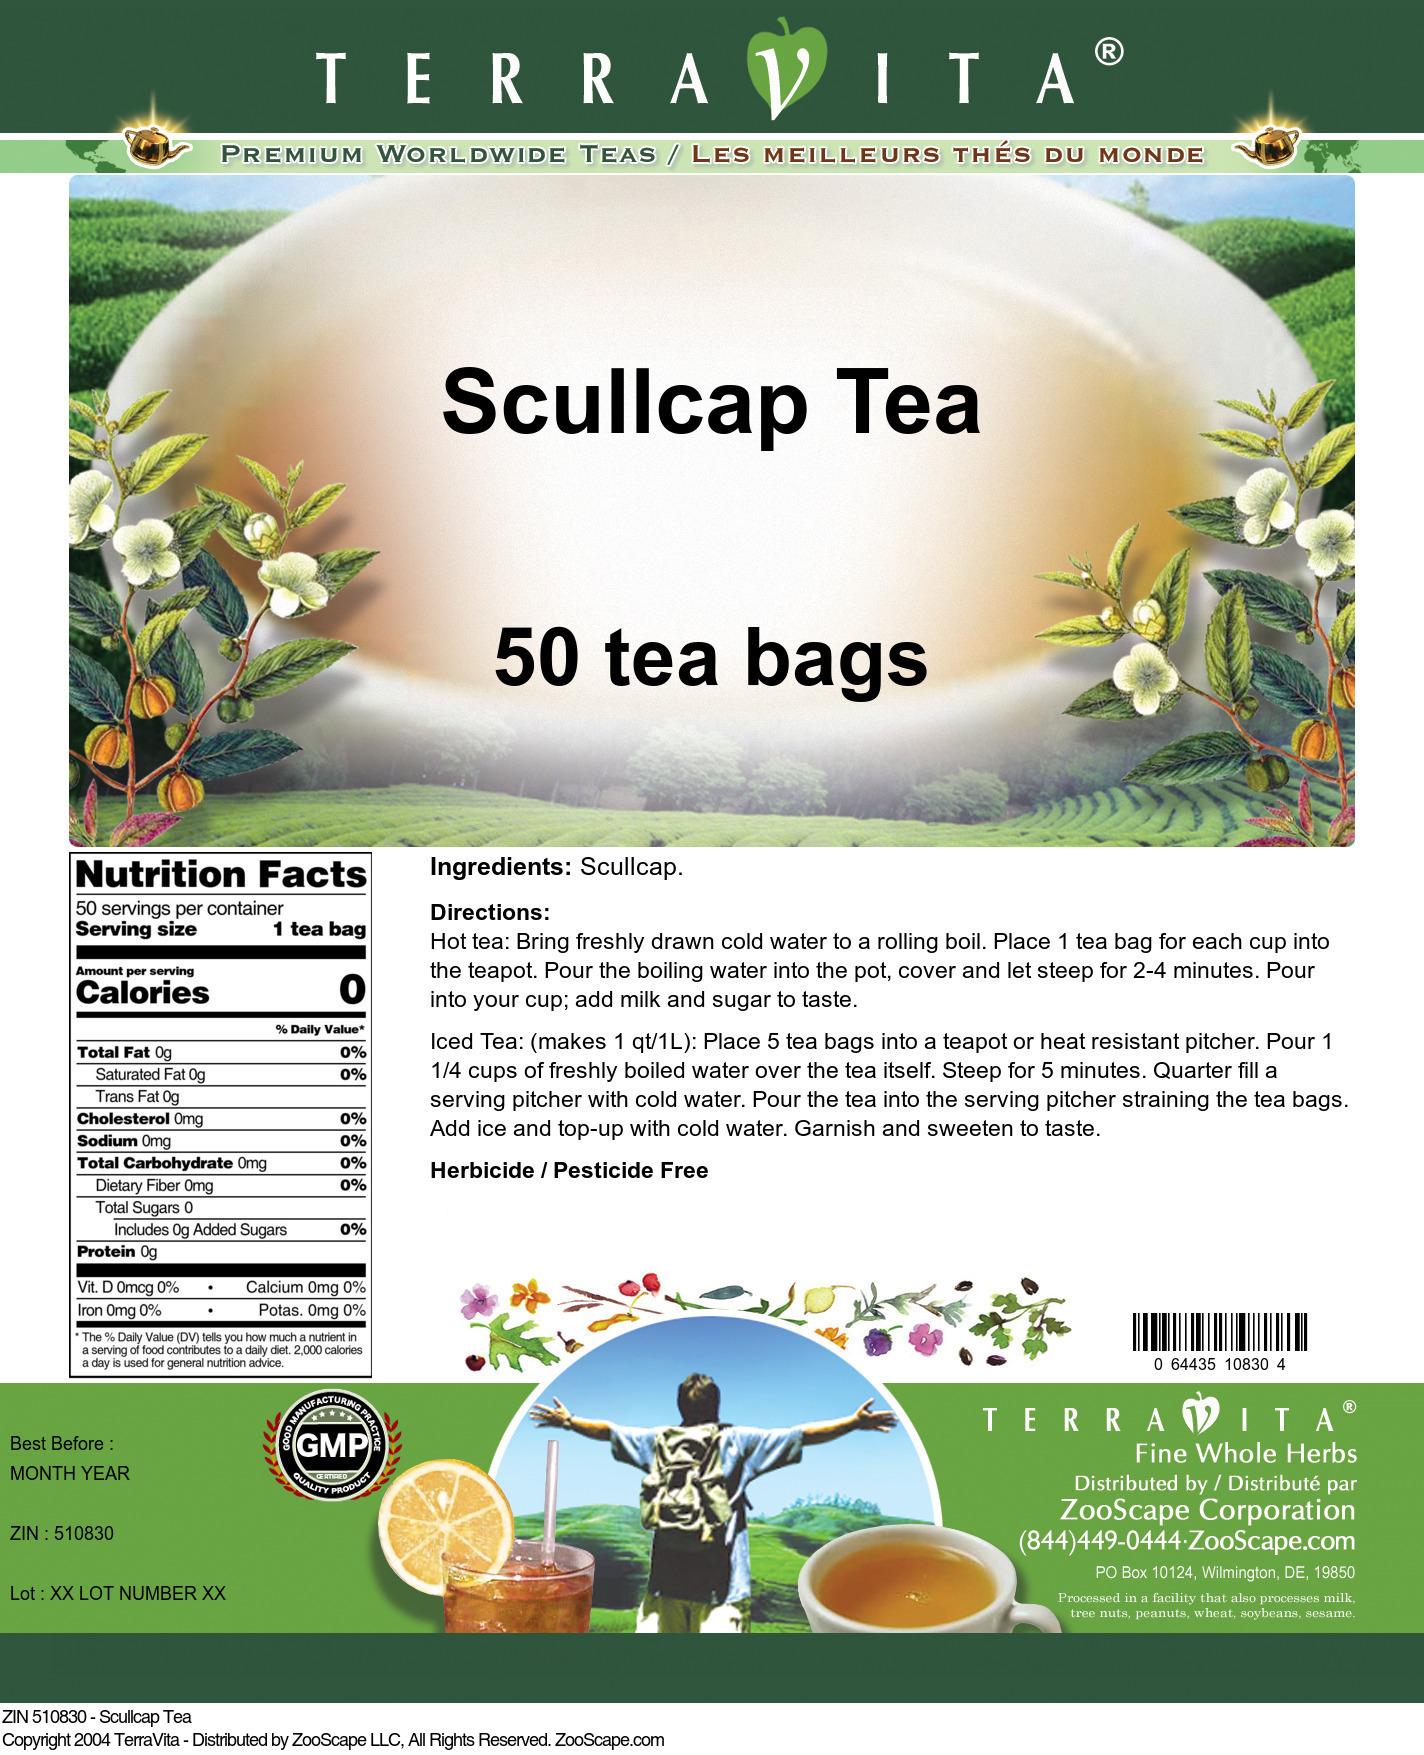 Scullcap Tea